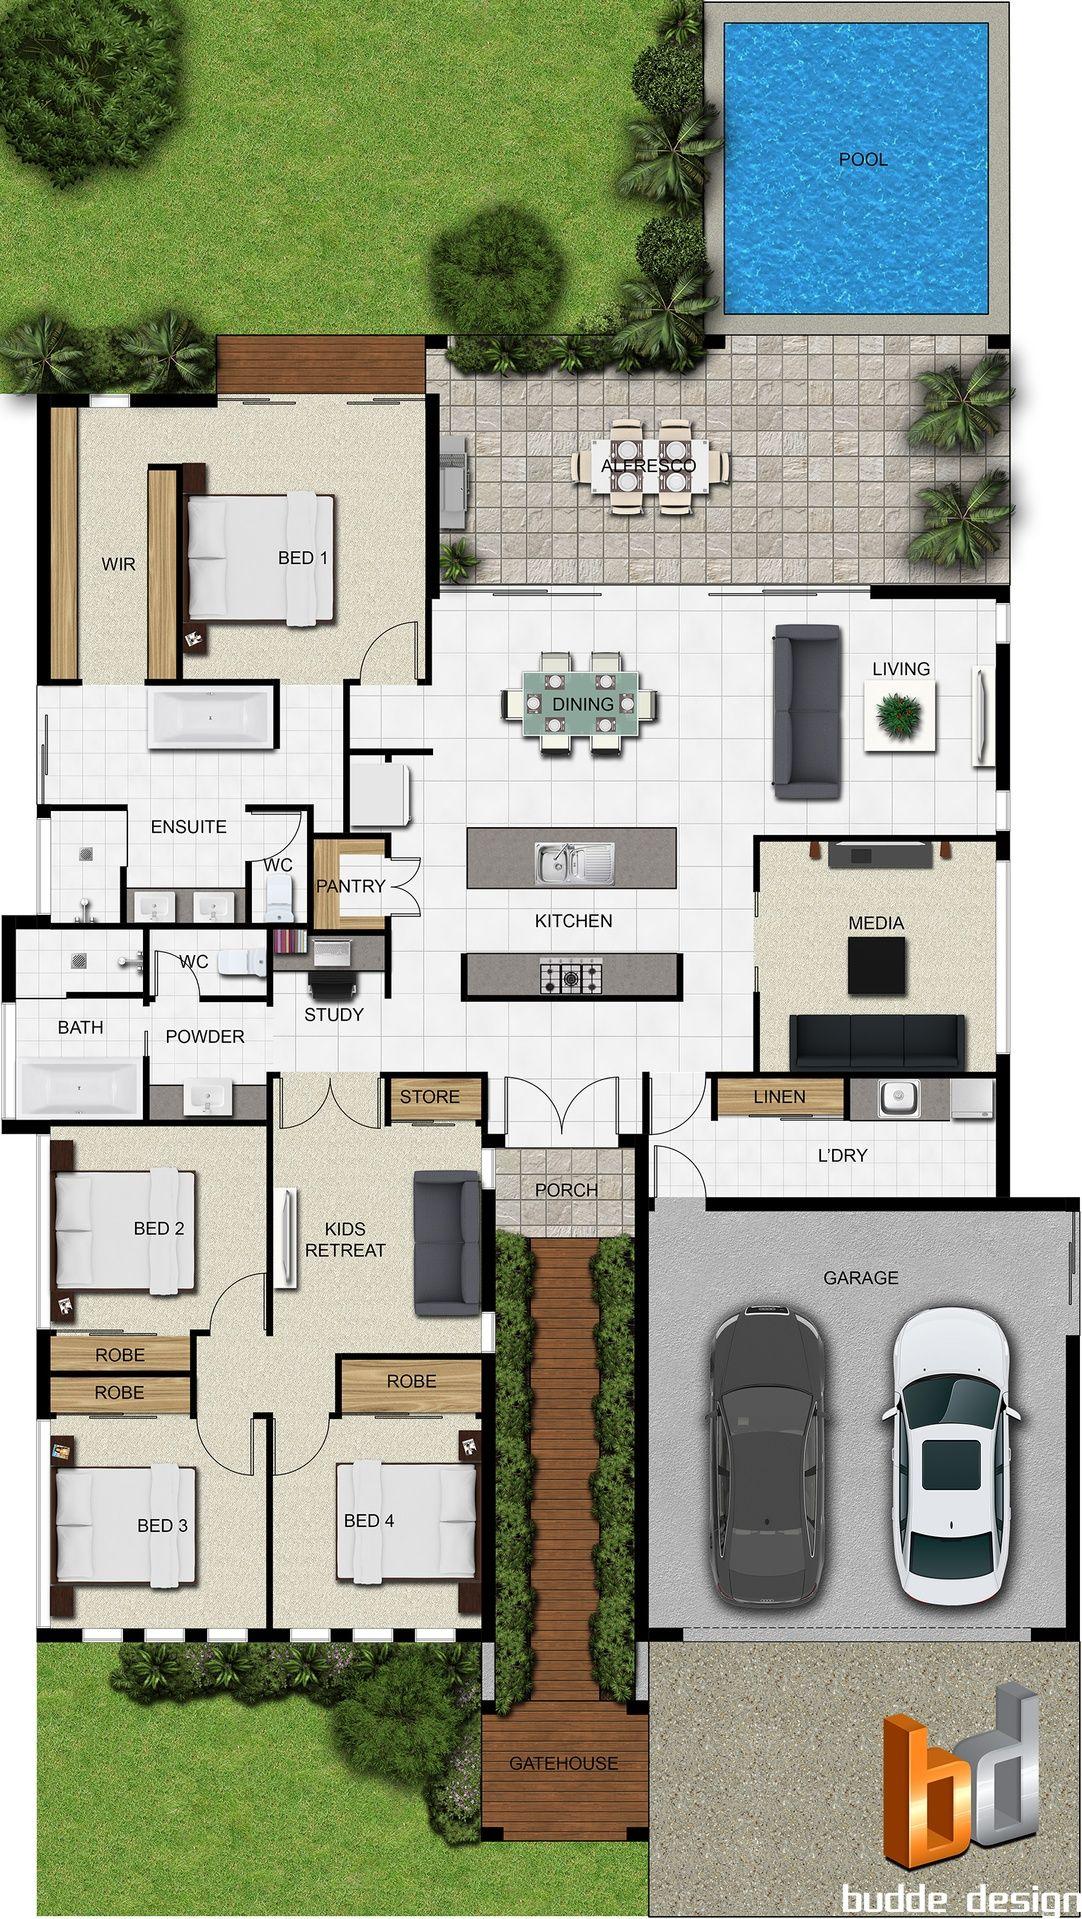 Pinterest claudiagabg casa 4 cuartos 1 estudio abierto for Planos de casas con piscina y jardin